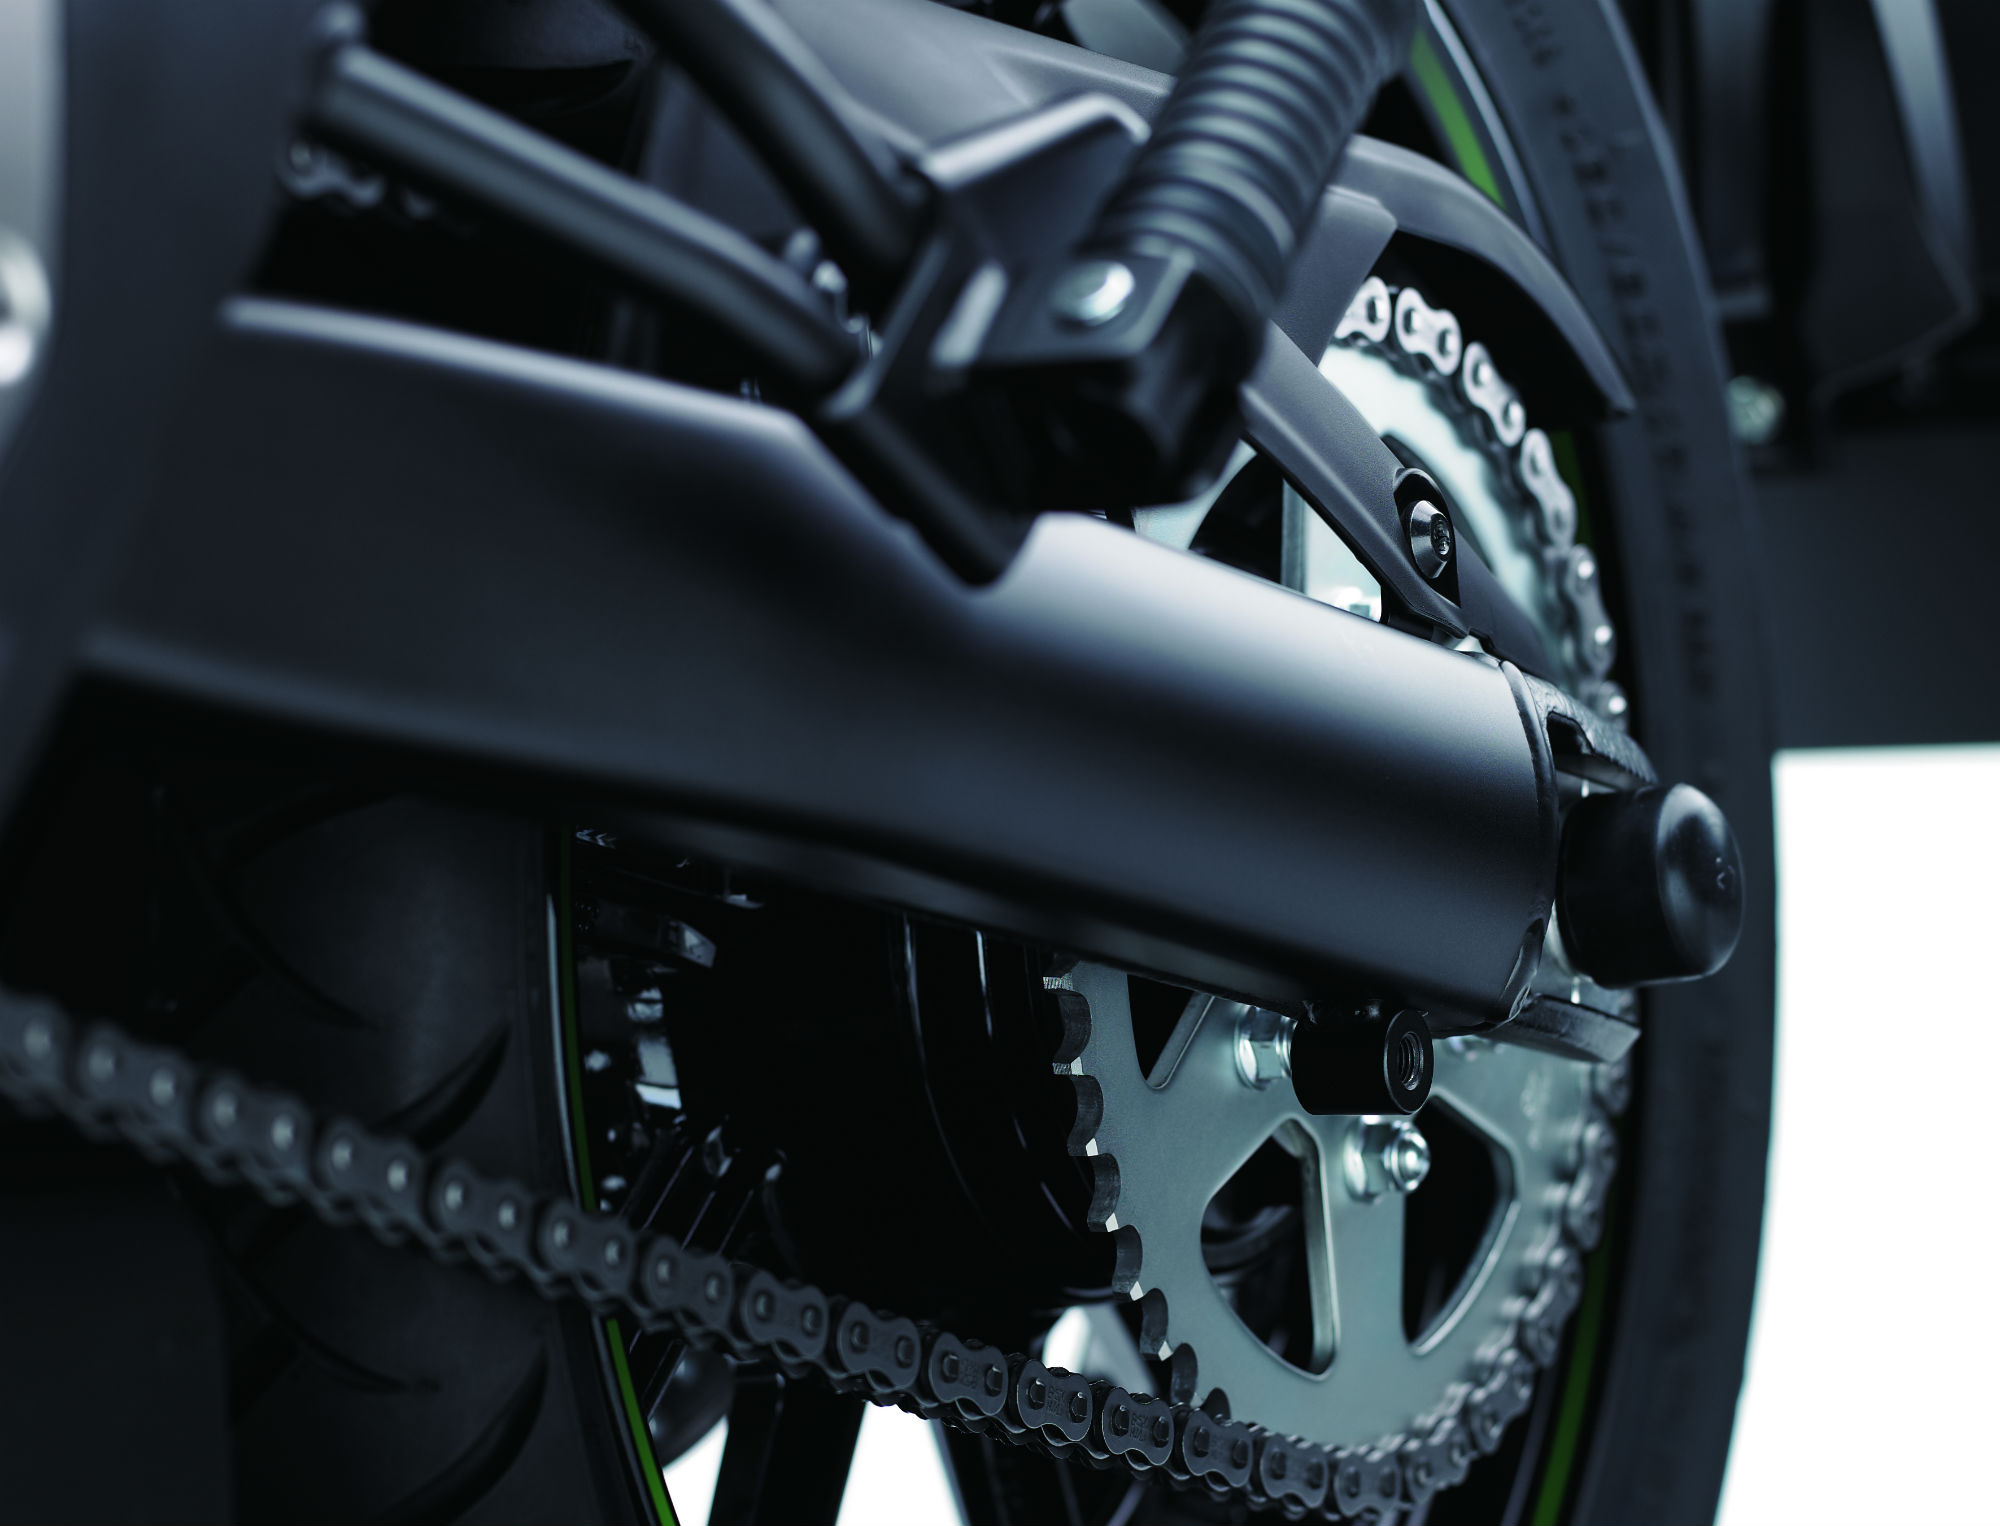 First ride: Kawasaki Vulcan S review